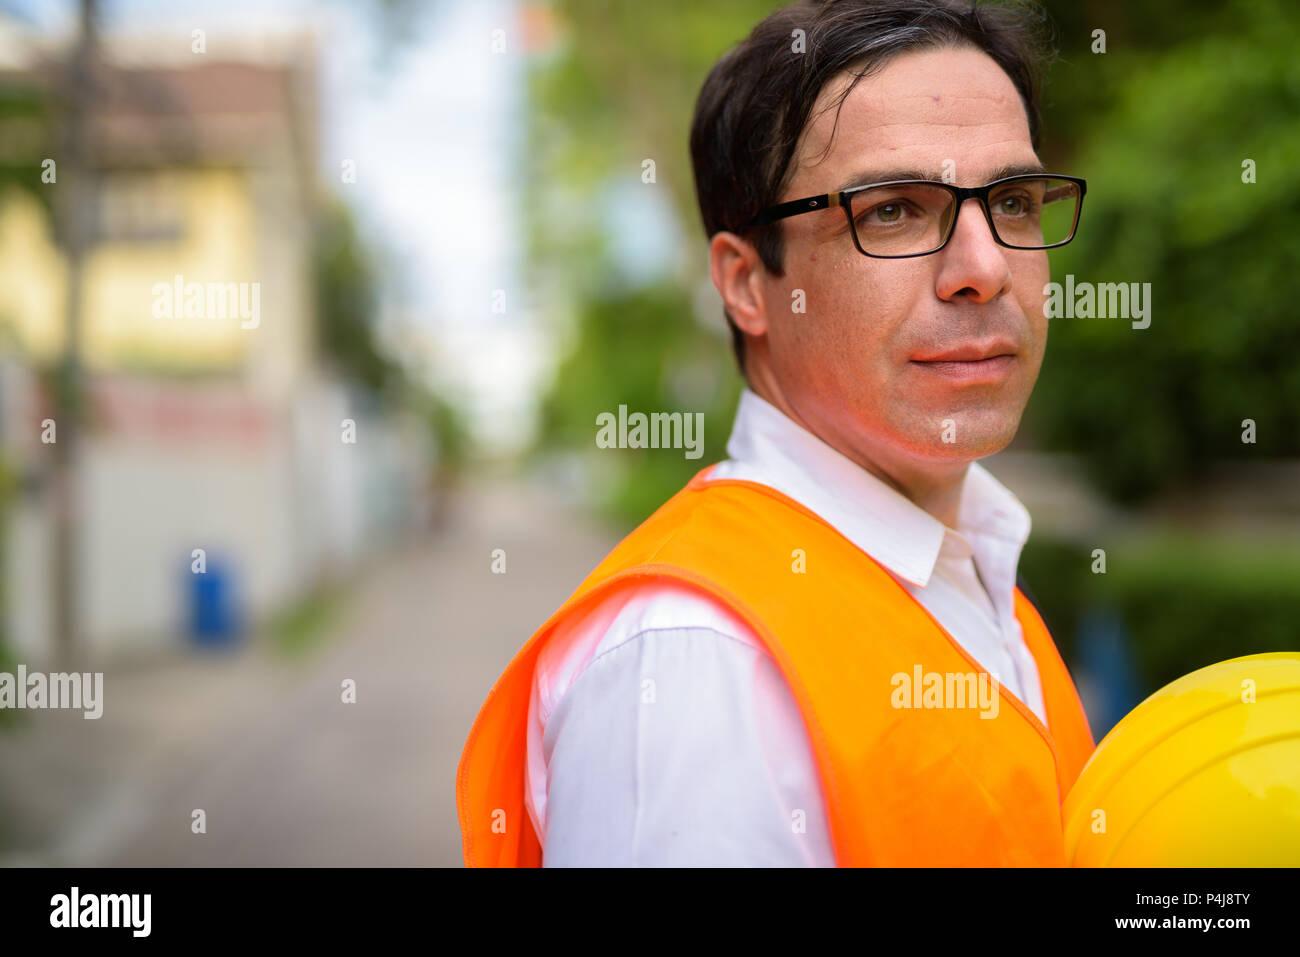 Apuesto hombre persa, trabajador de la construcción en la construcción sit Imagen De Stock